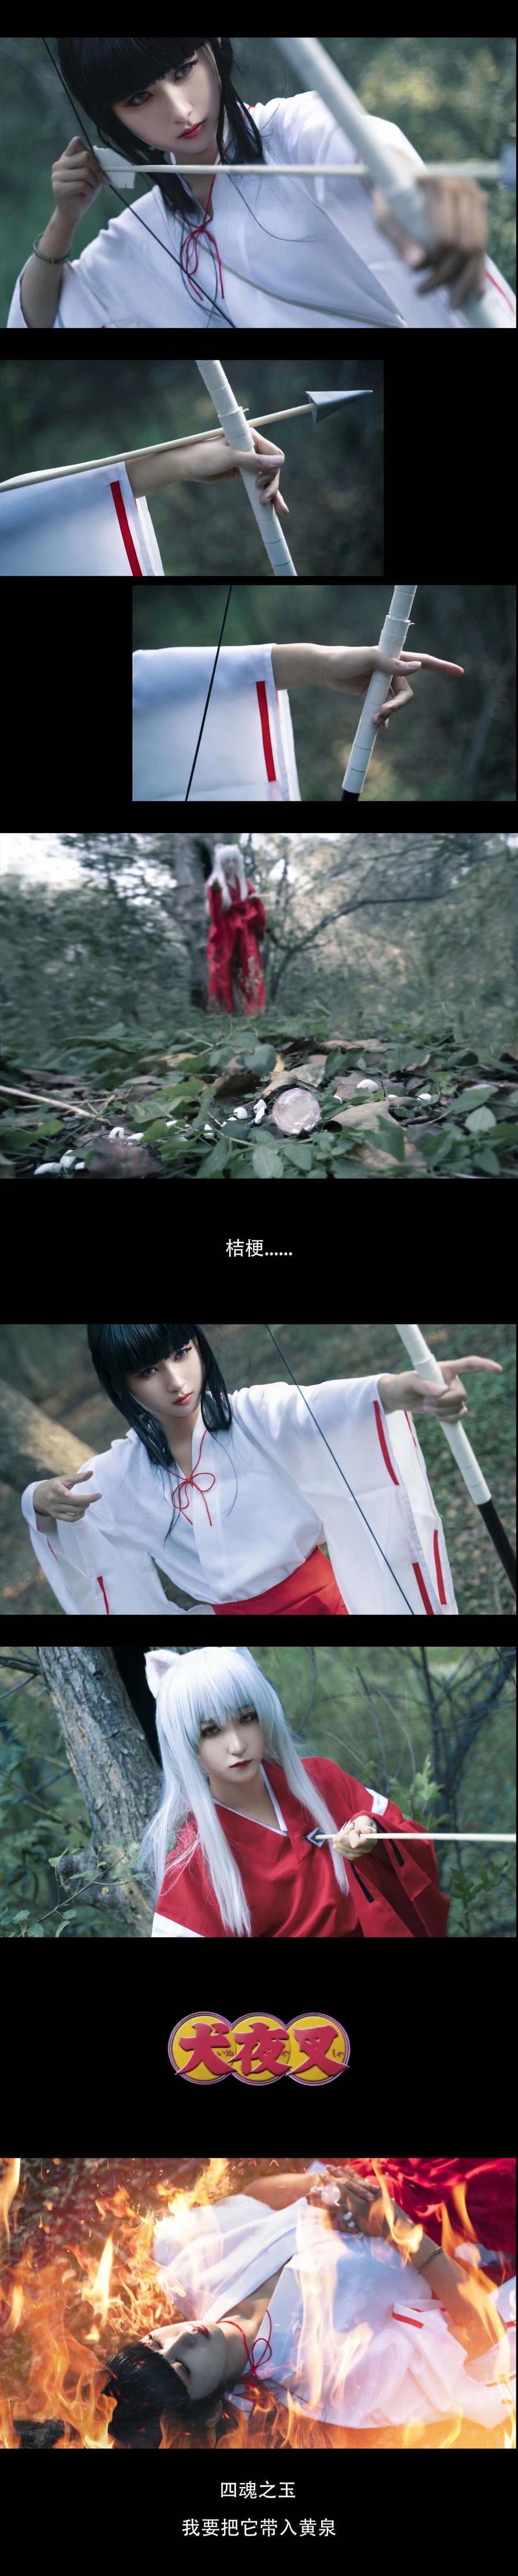 《犬夜叉》正片cosplay【CN:七月啊】-第2张